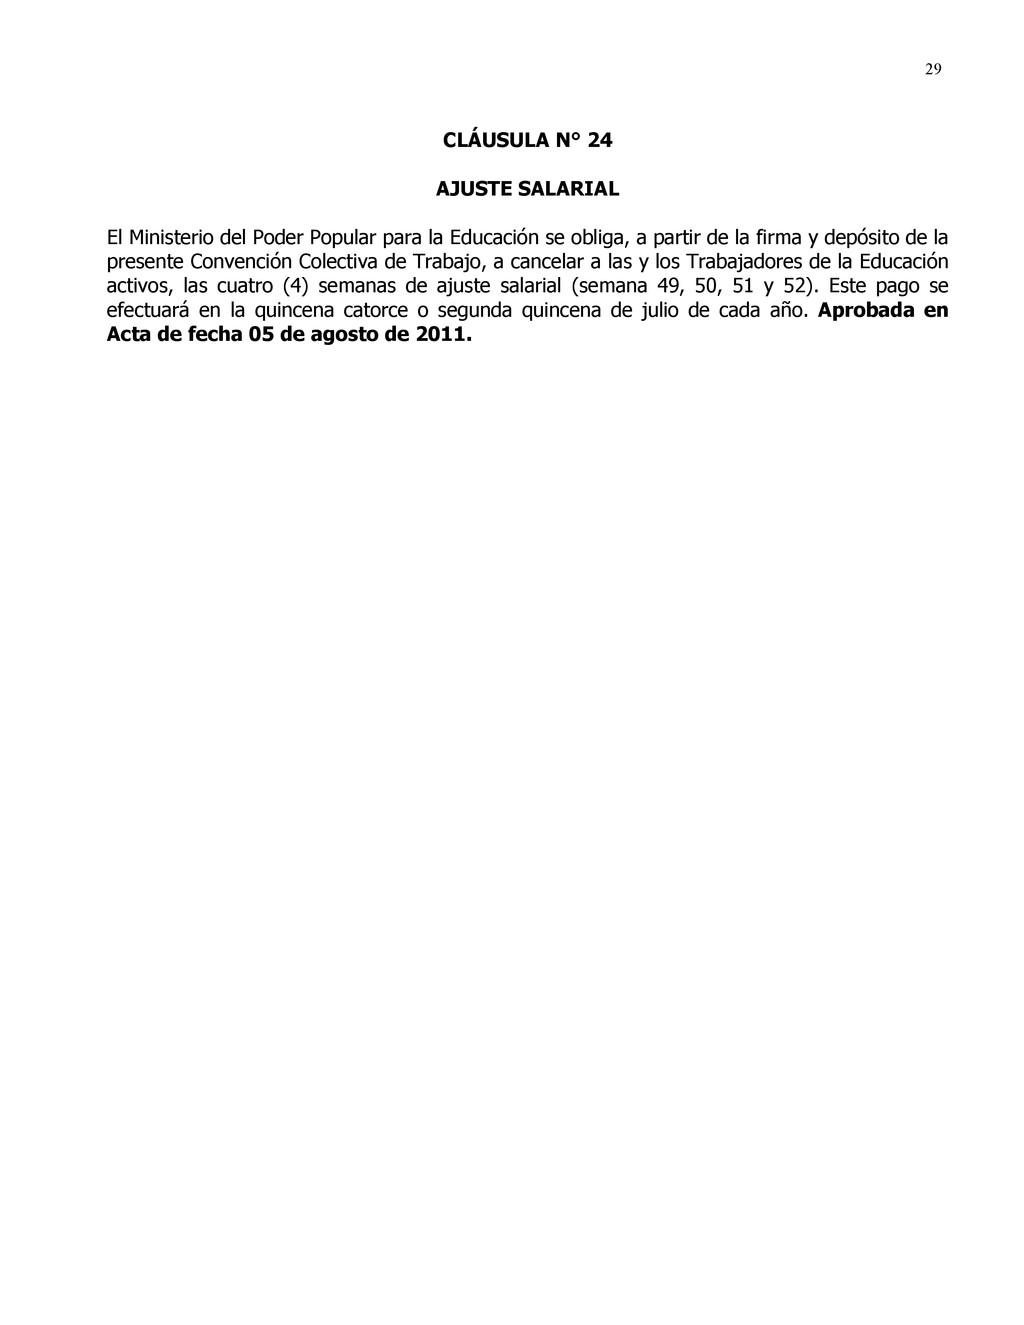 29 CLÁUSULA N° 24 AJUSTE SALARIAL El Ministerio...